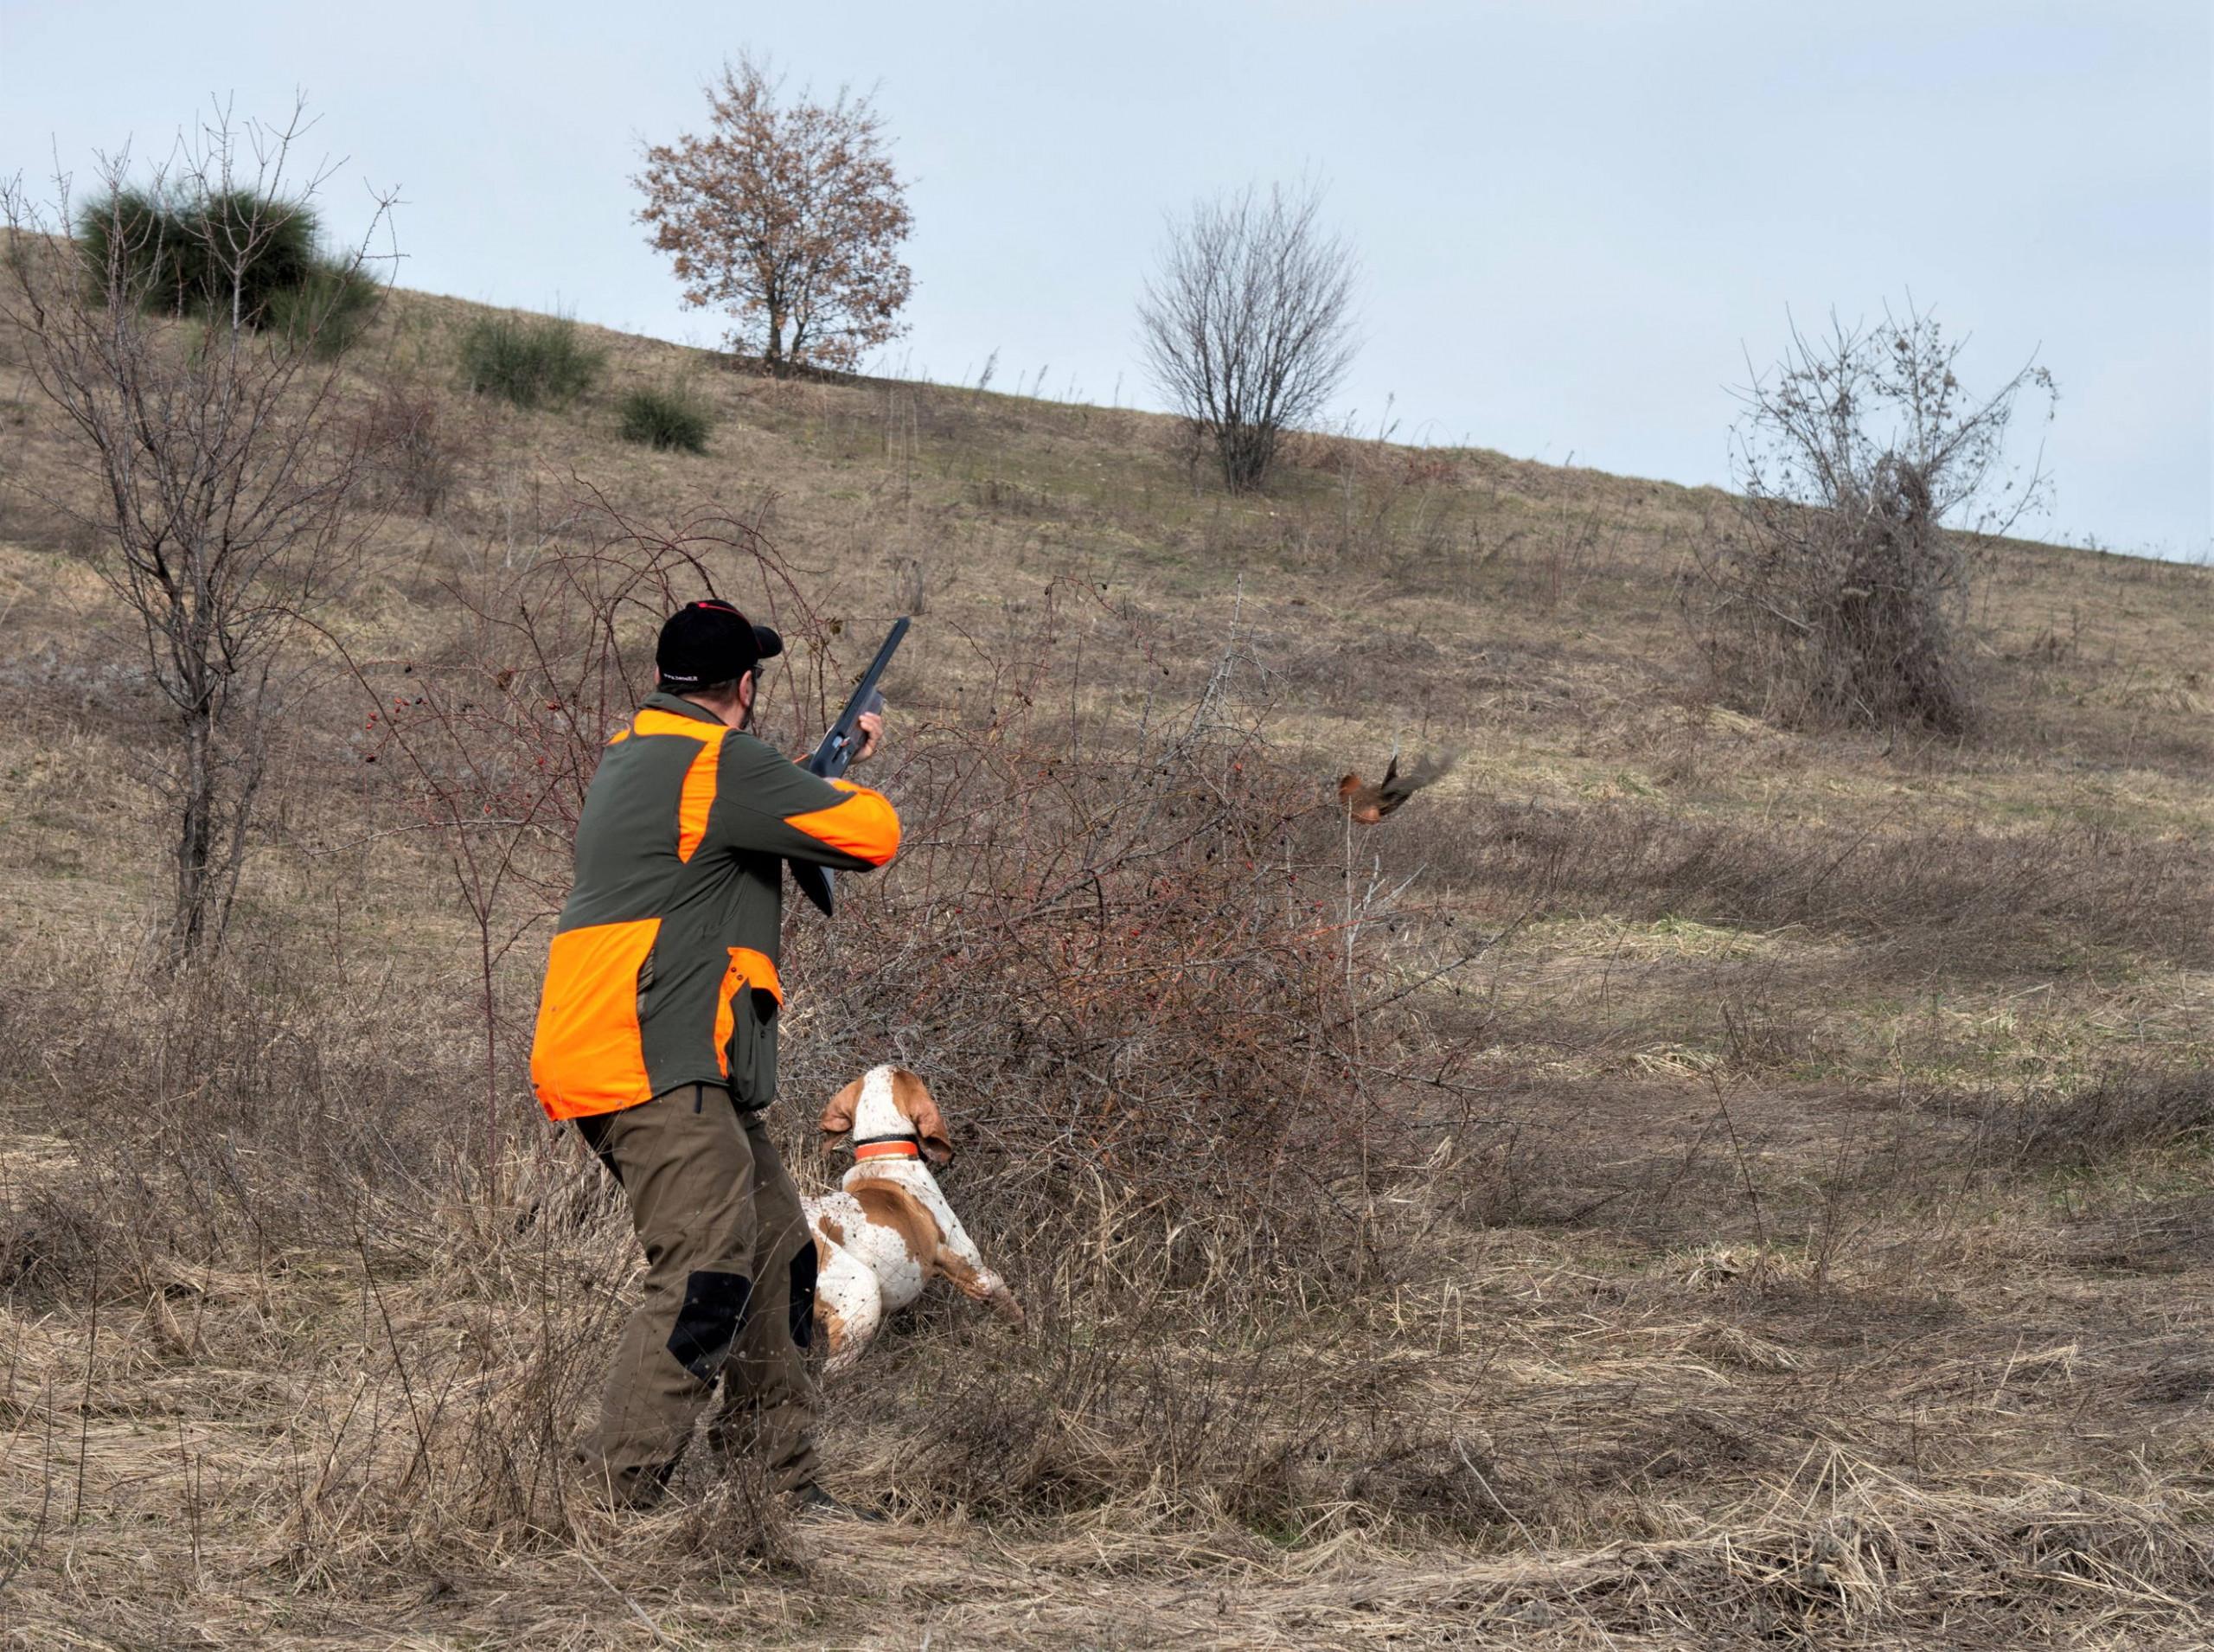 azione di caccia con il fucile specialista benelli mygra